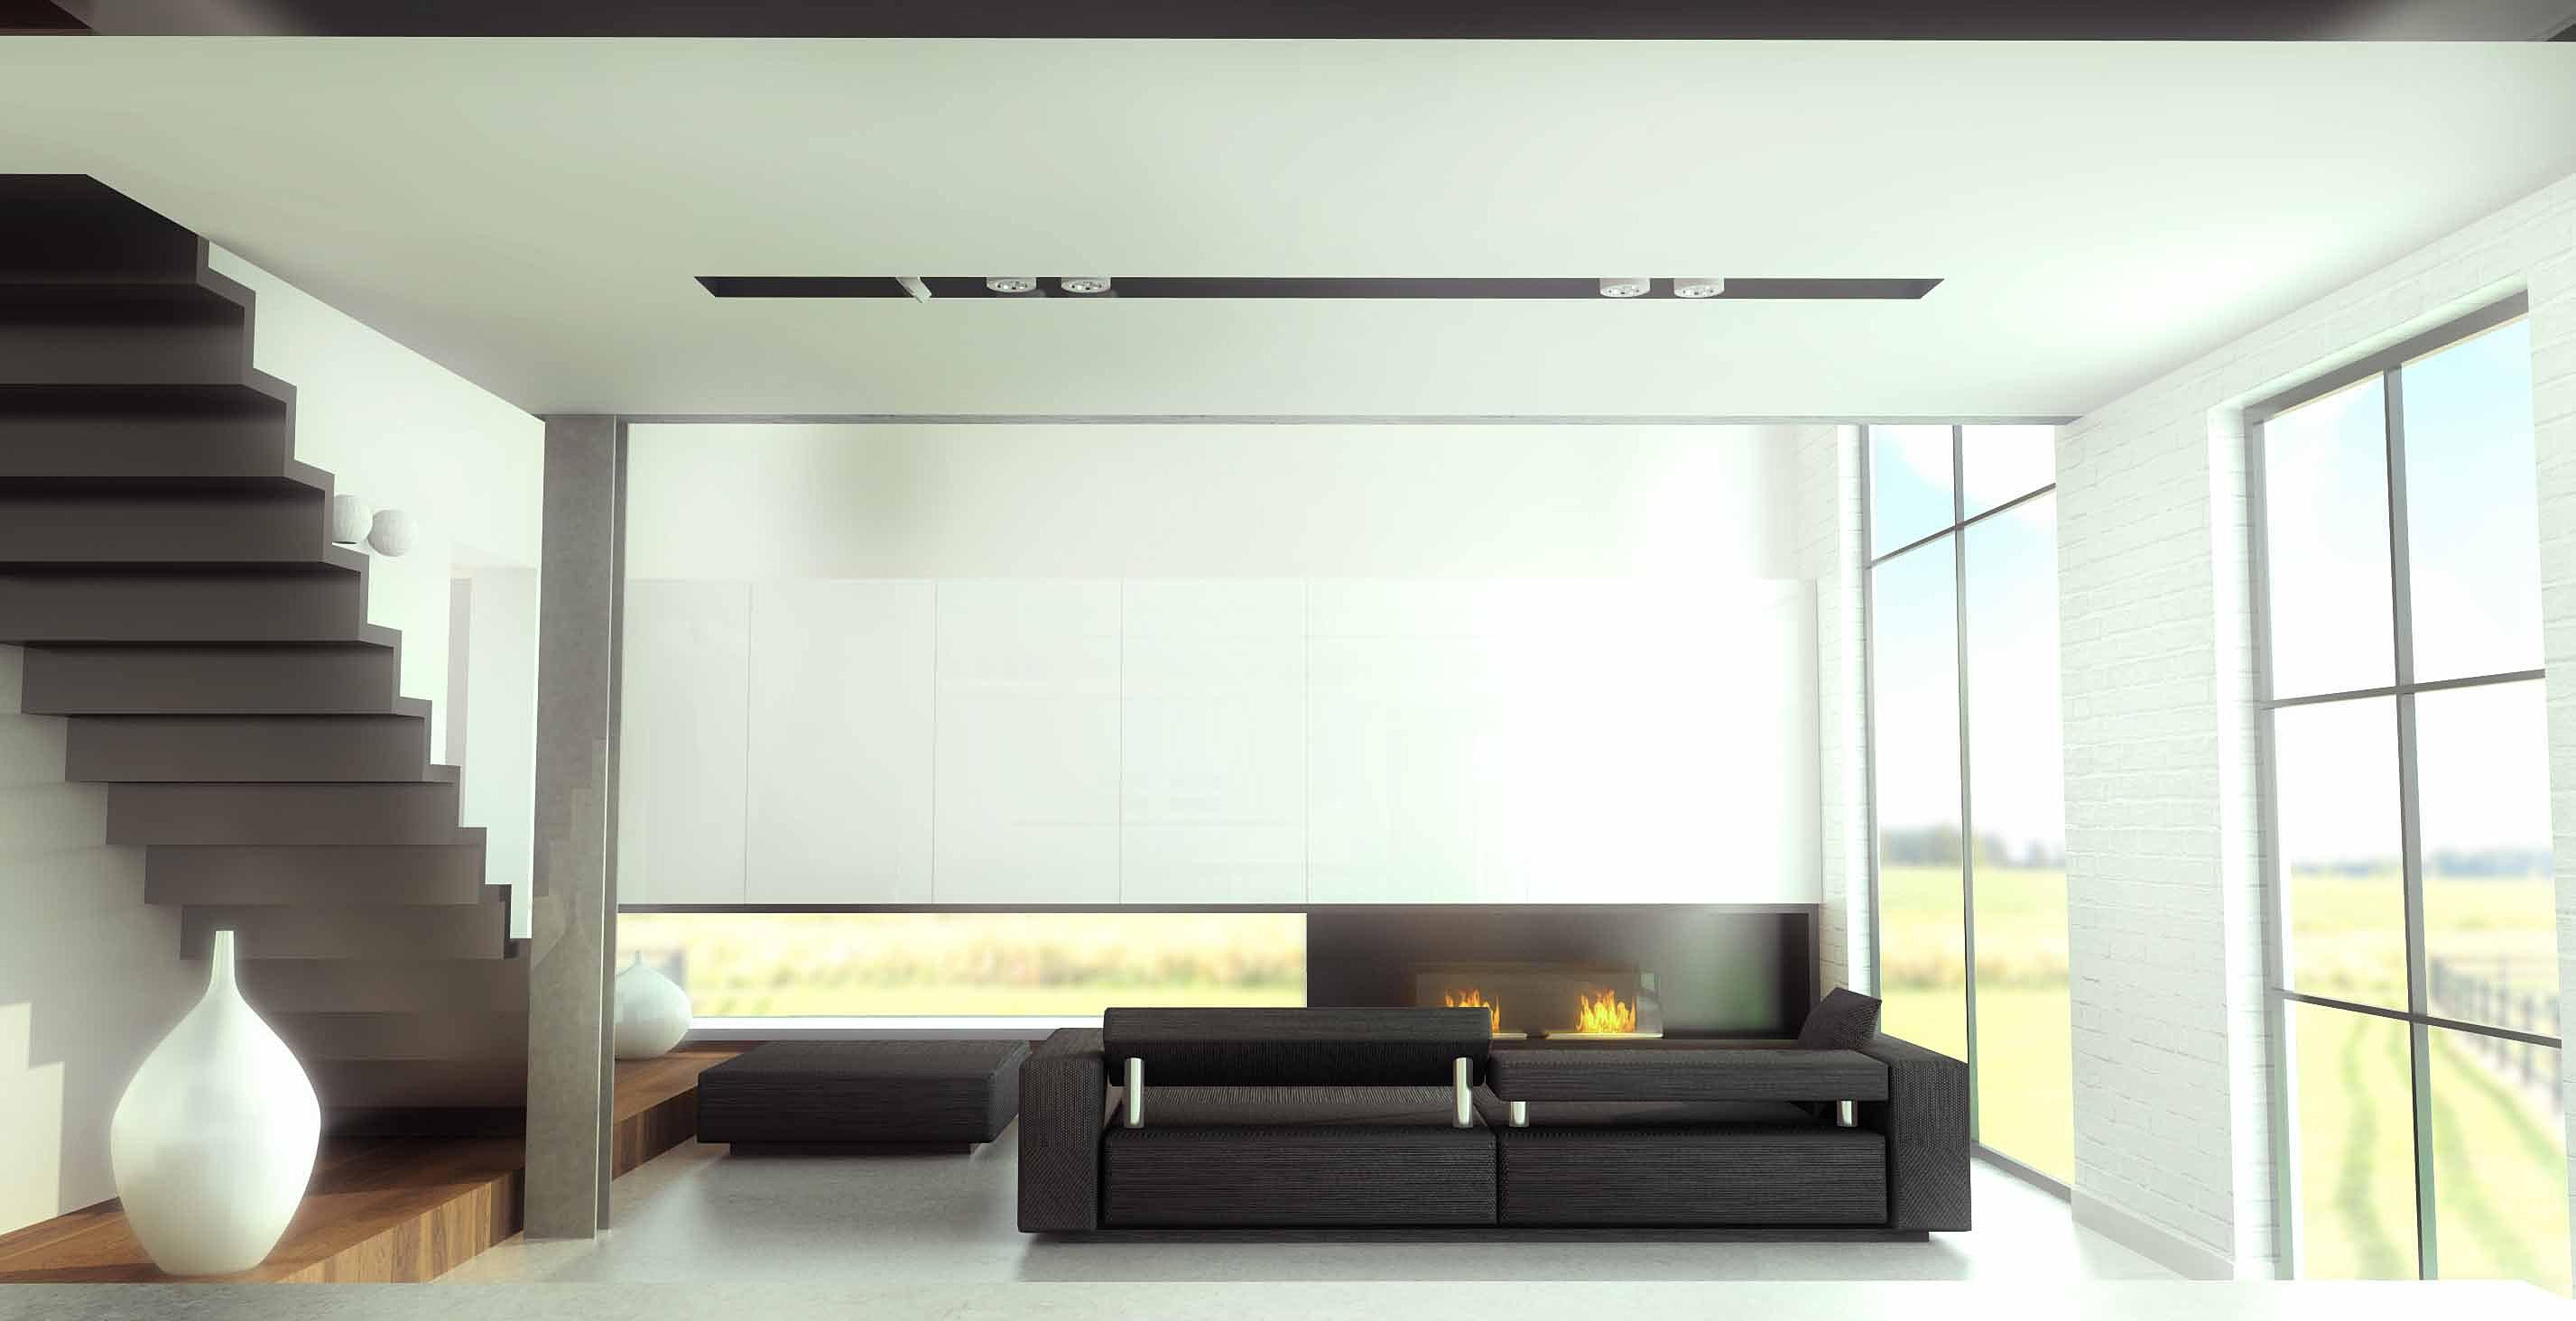 Wils elke interieur nieuwbouw en renovatie lichtplan huisstijl modern interieur - Interieur modern design ...